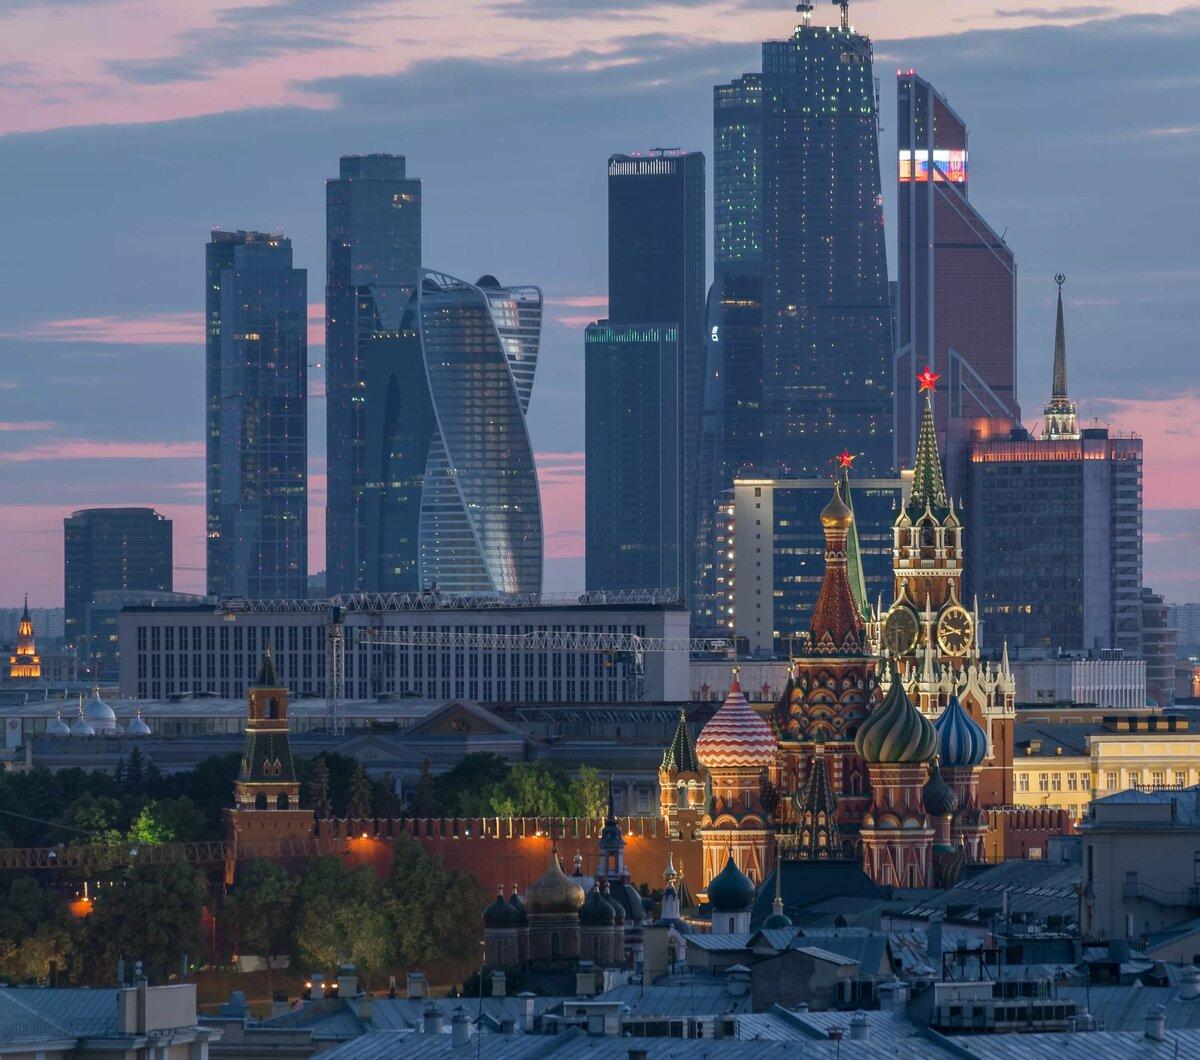 """Кремль и Москва-Сити. Из-за близкого расположения данных объектов исторический центр превратился с своеобразную """"игрушку-сувенир"""""""